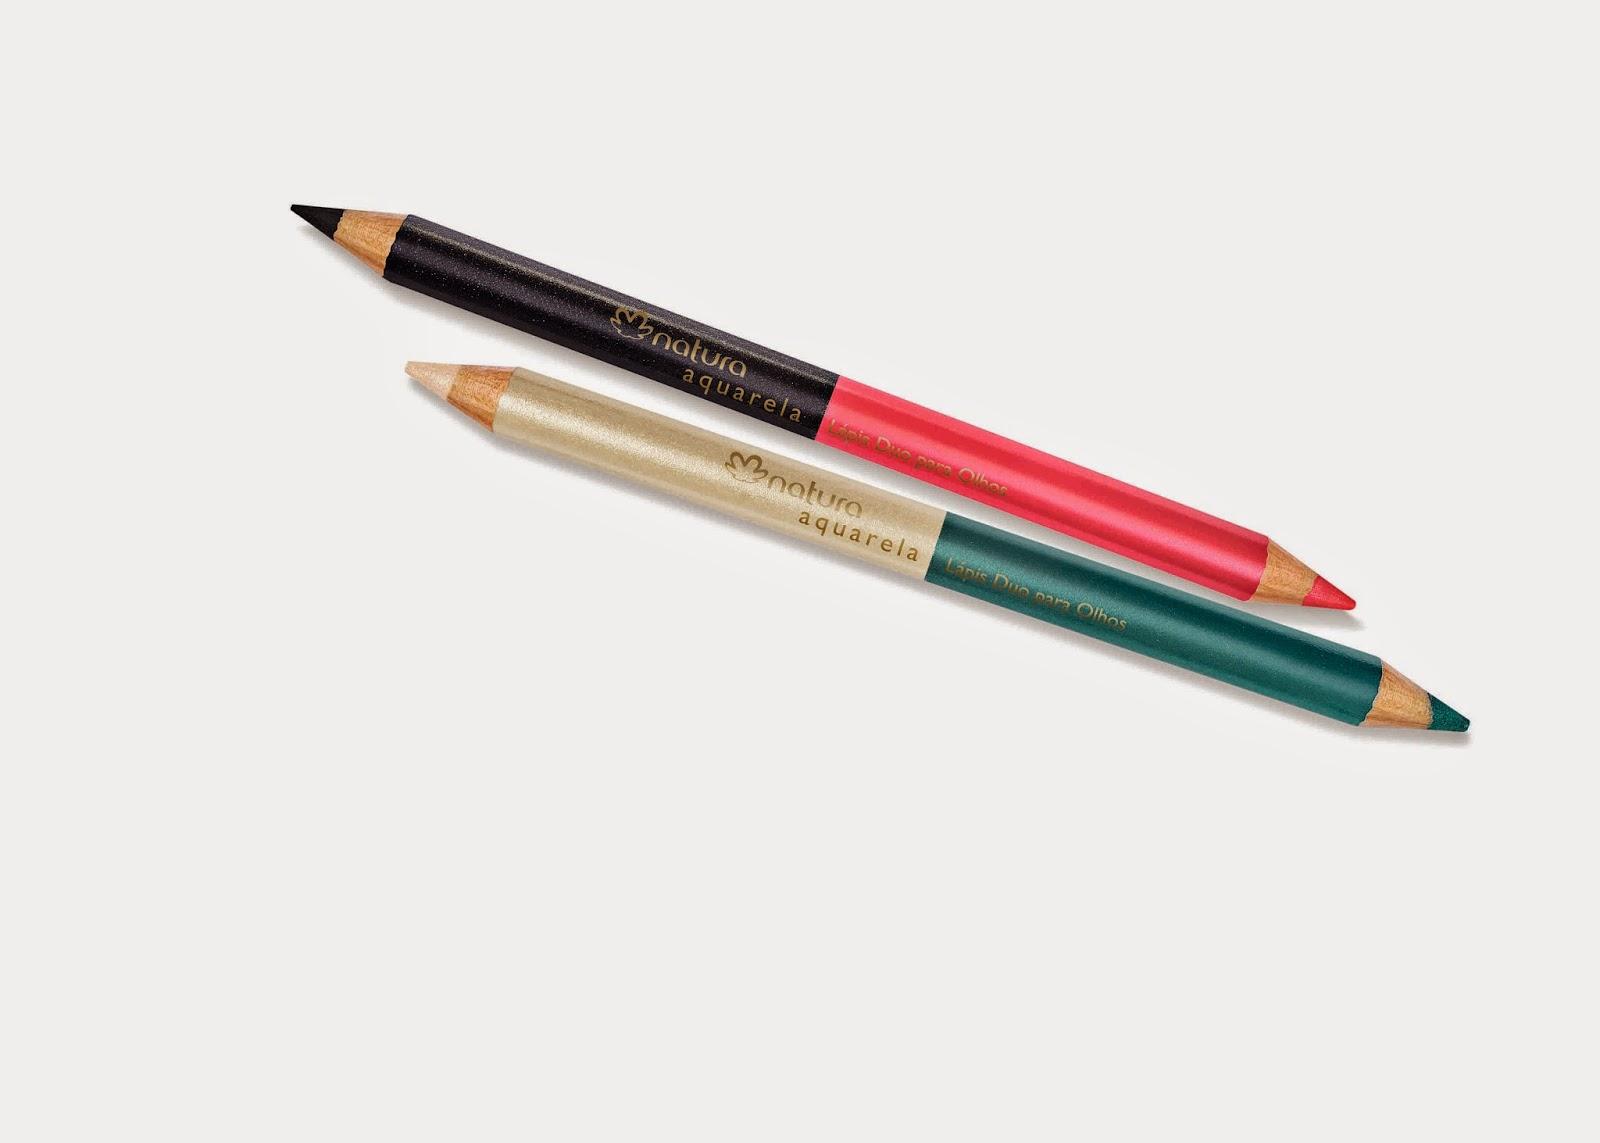 natura, aquarela, lápis duo, olhos